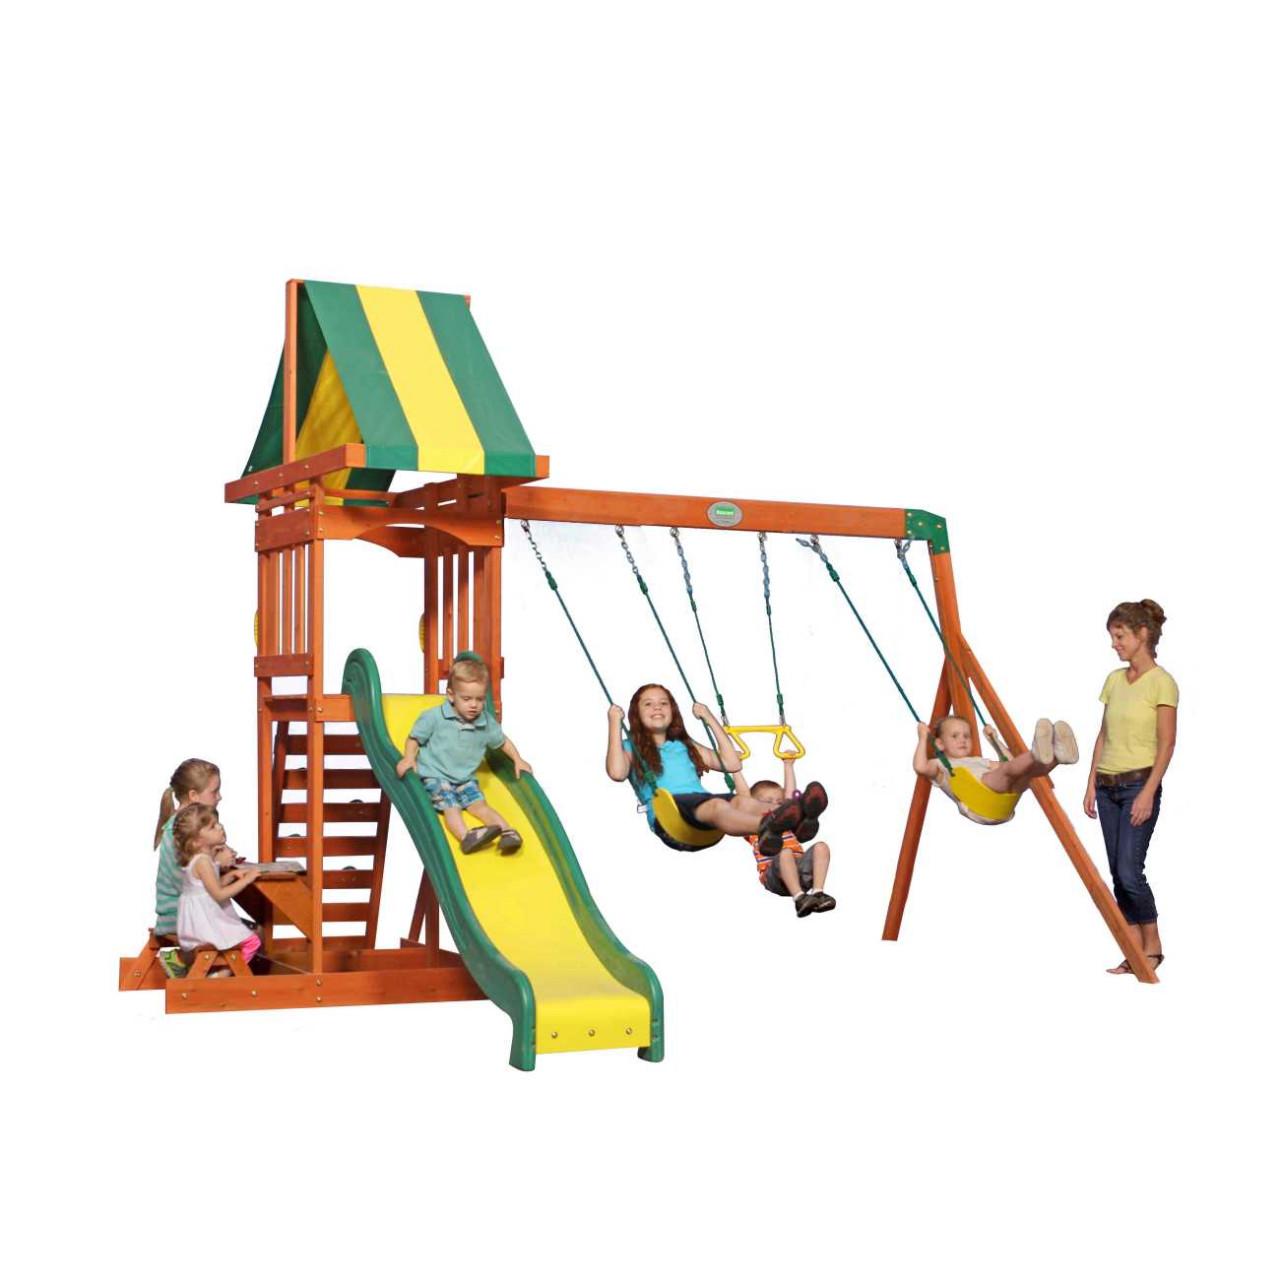 Spielturm Sunnydale von Backyard